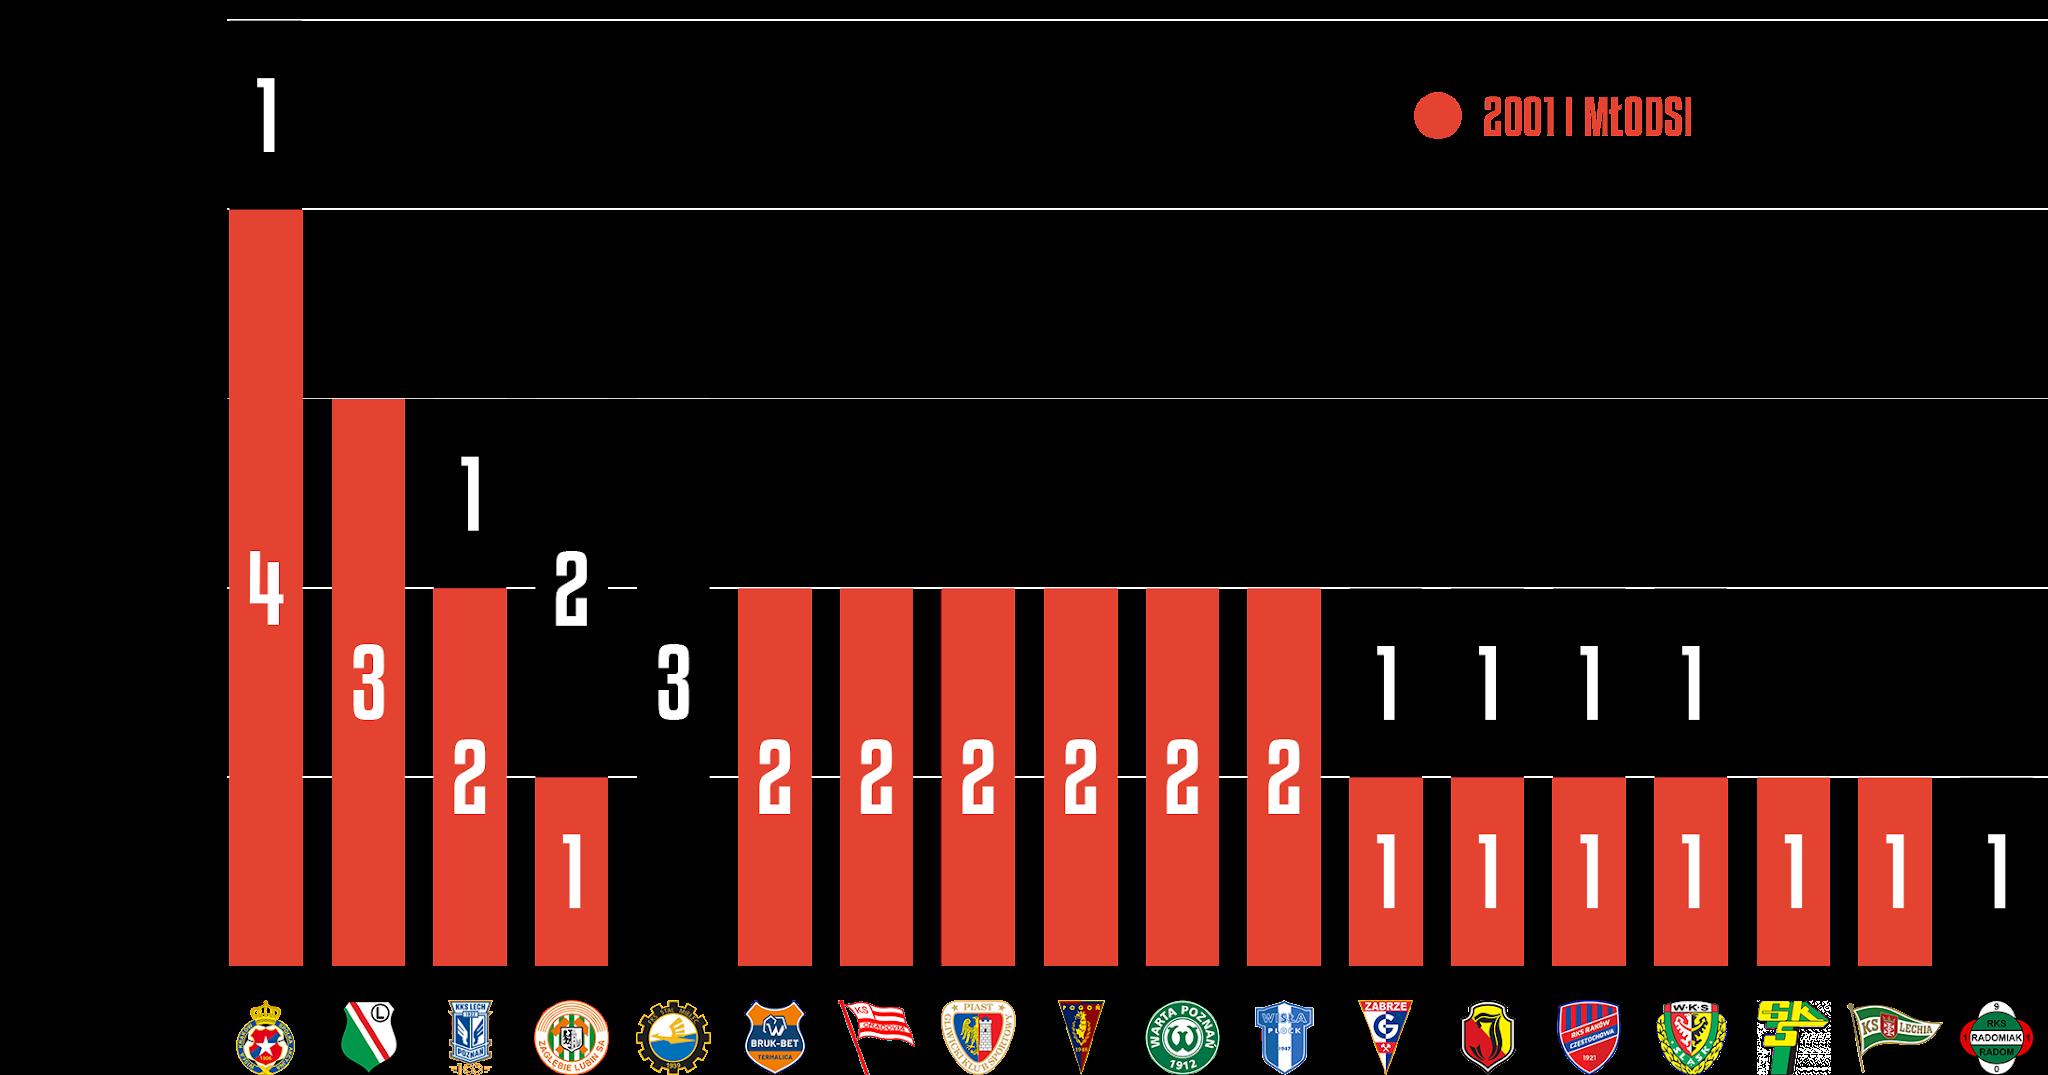 Młodzieżowcy w poszczególnych klubach podczas 6. kolejki PKO Ekstraklasy<br><br>Źródło: Opracowanie własne na podstawie ekstrastats.pl<br><br>graf. Bartosz Urban